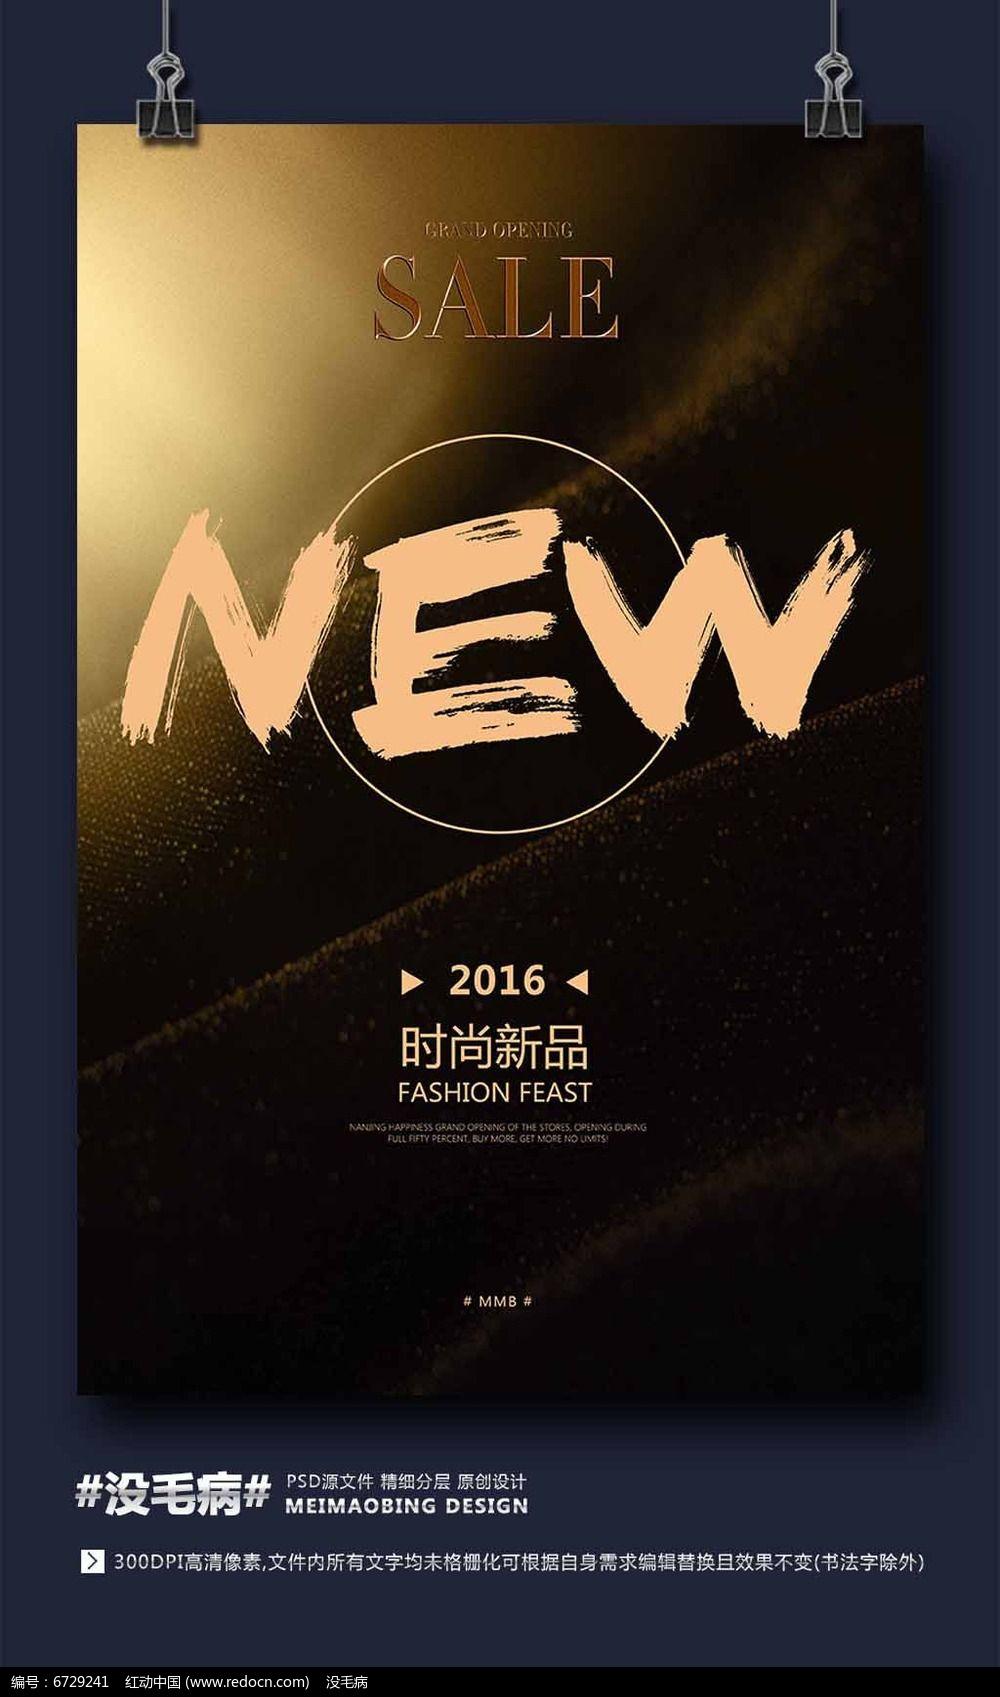 原创设计稿 海报设计/宣传单/广告牌 海报设计 金色高端奢侈品新品图片